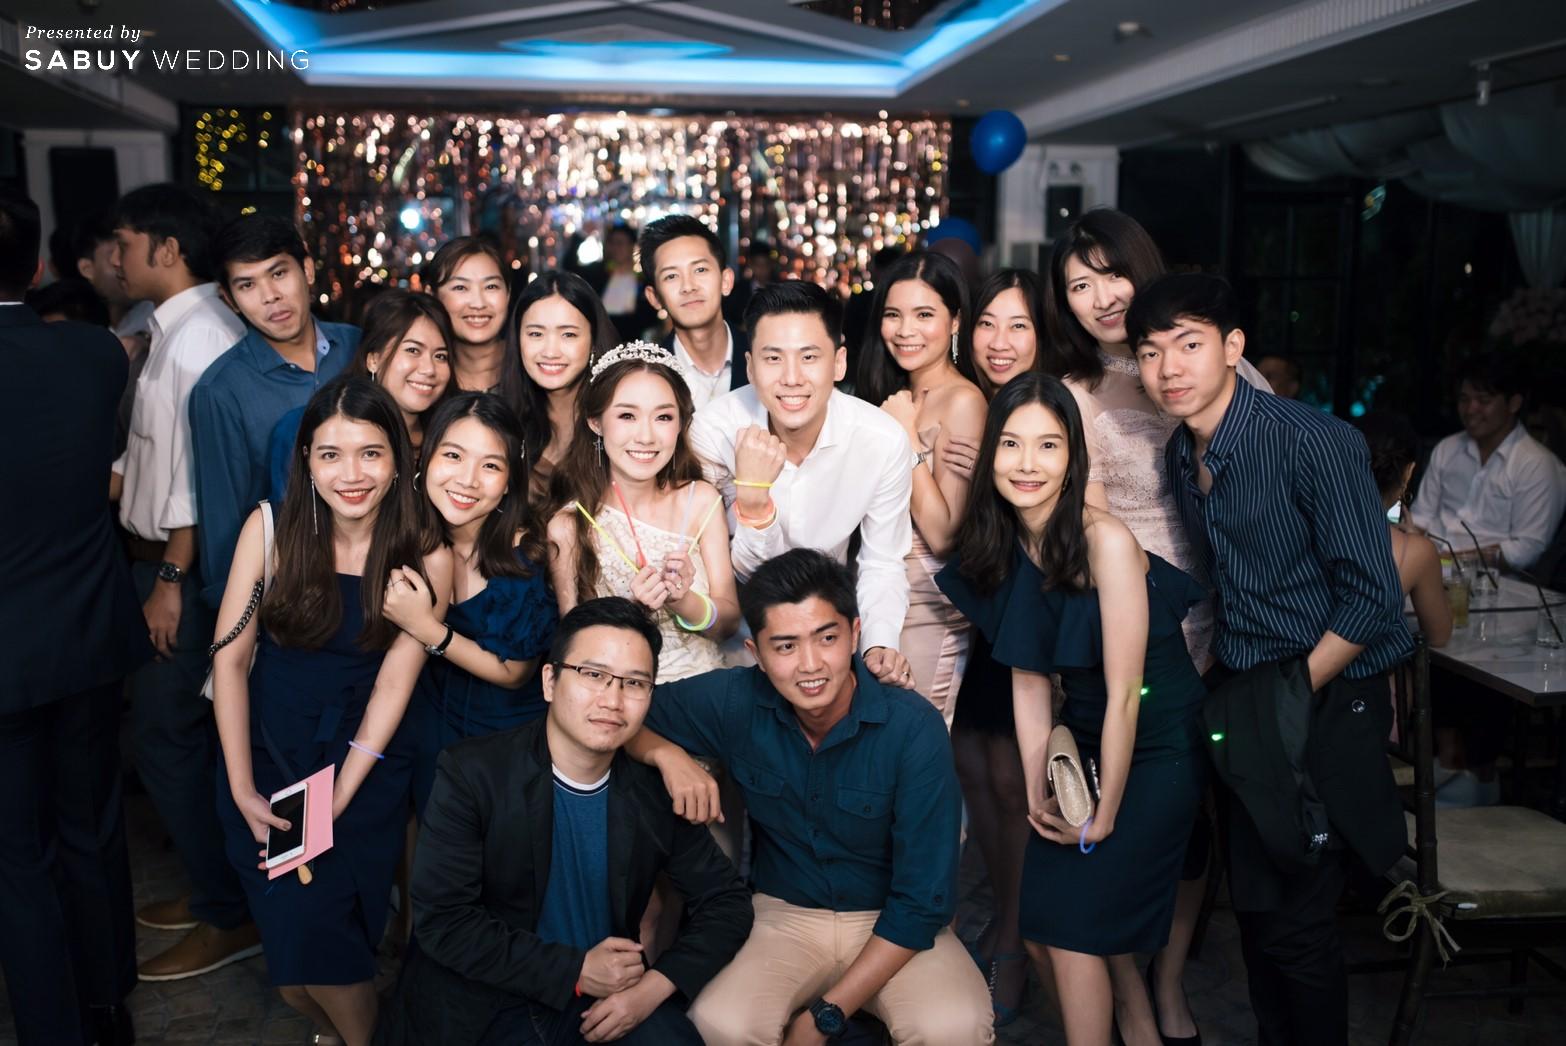 งานแต่งงาน,แต่งงาน รีวิวงานแต่งสวยวิ้ง ฟรุ้งฟริ้งฉบับงาน Customize @ Hotel Once Bangkok